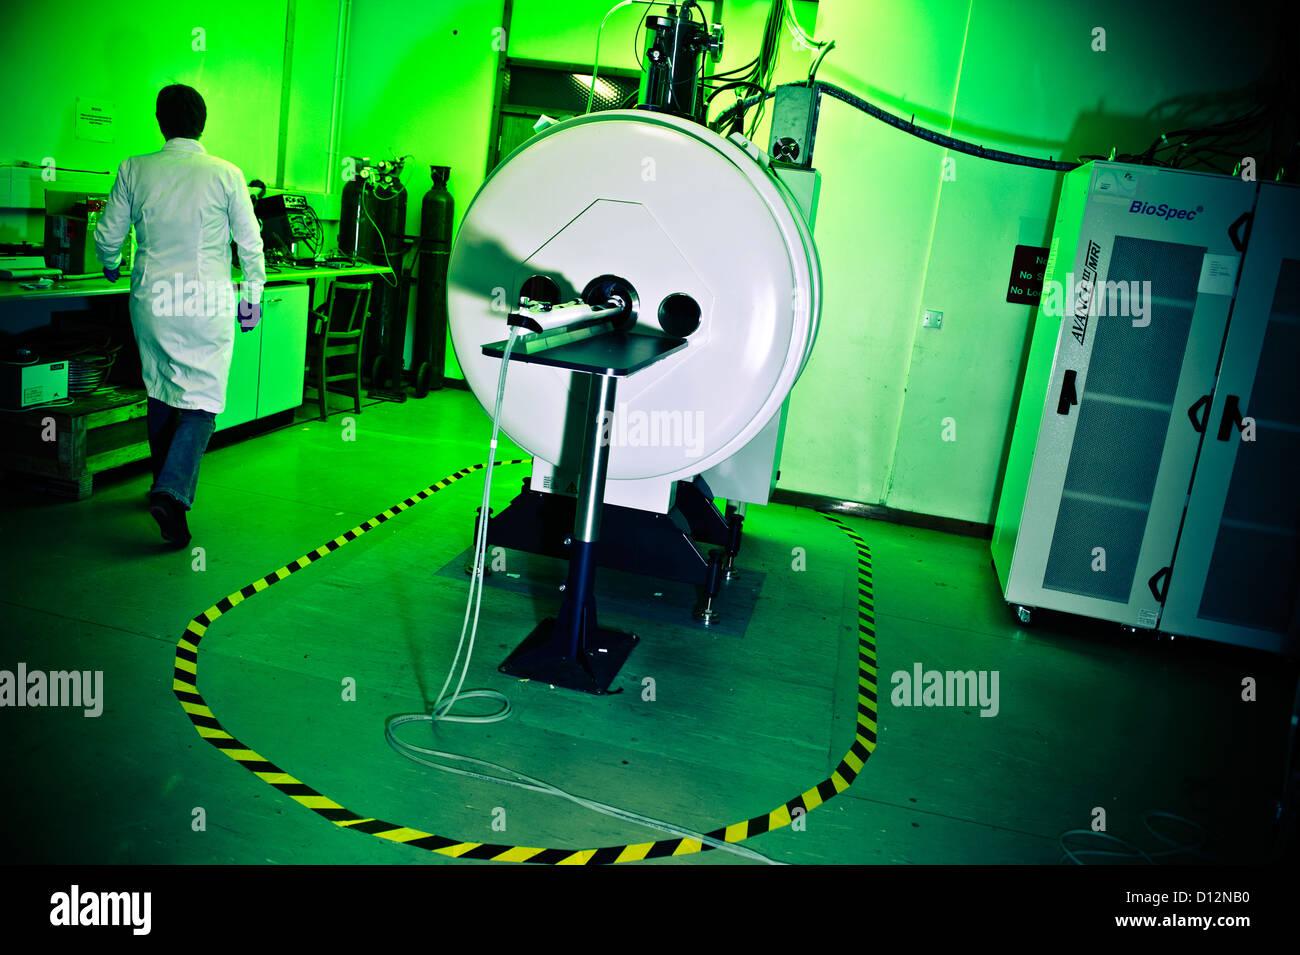 Techniker oder Wissenschaftler in Raum mit Kleinkaliber-Magnet-Resonanz-Tomographie (MRT)-Scanner, in dem kleinen Stockbild